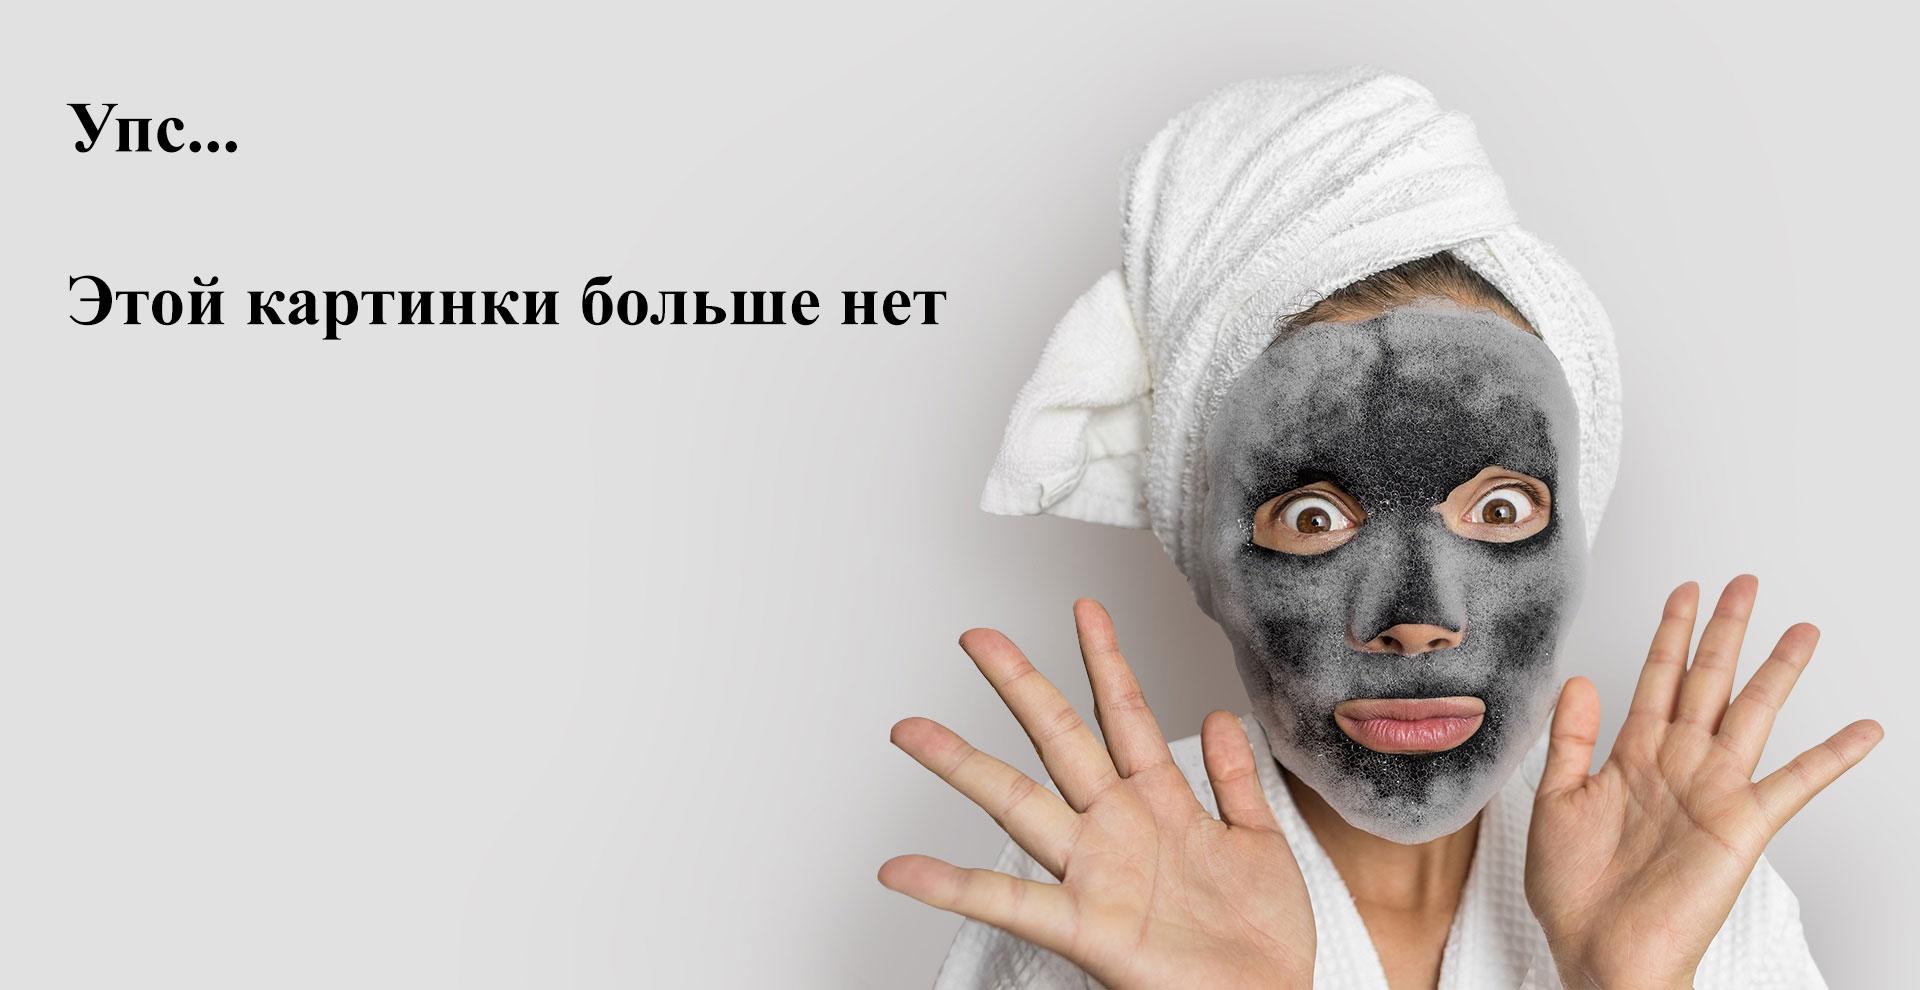 Кафе Красоты, Крем для ног «Мягкие пяточки», 75 мл